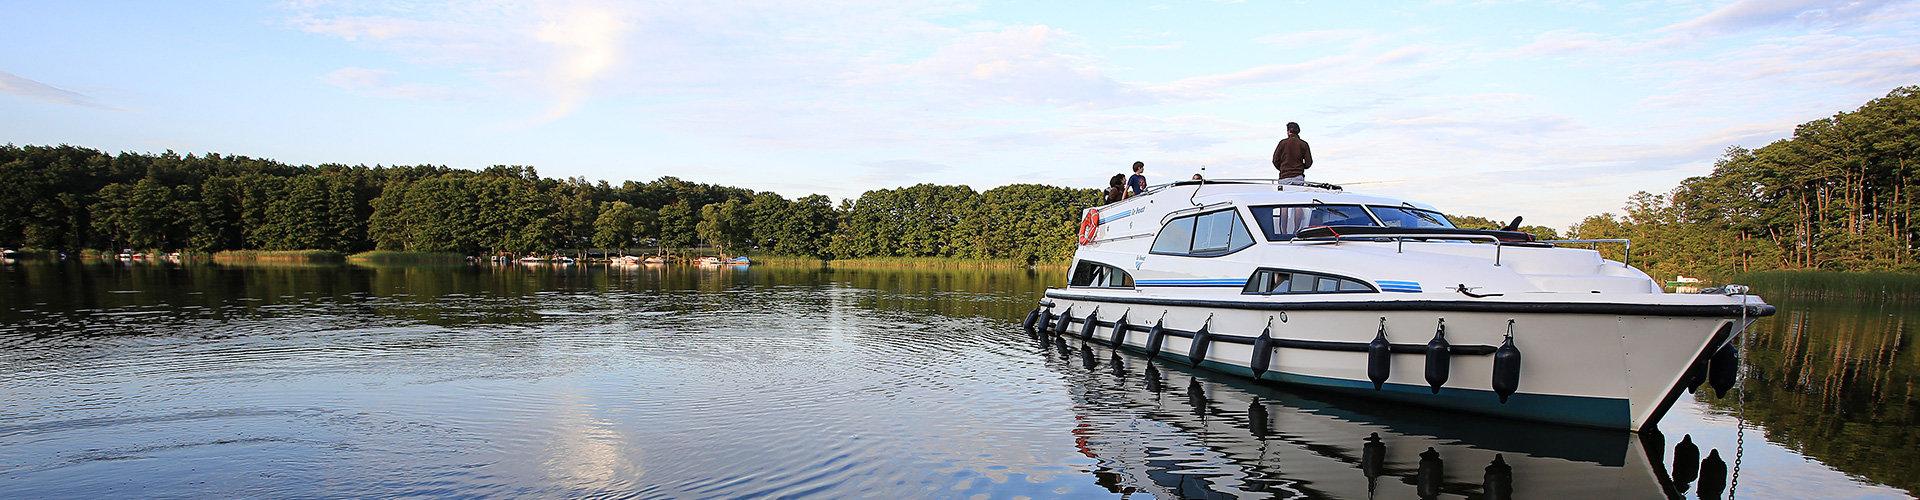 Le Boat bateaux